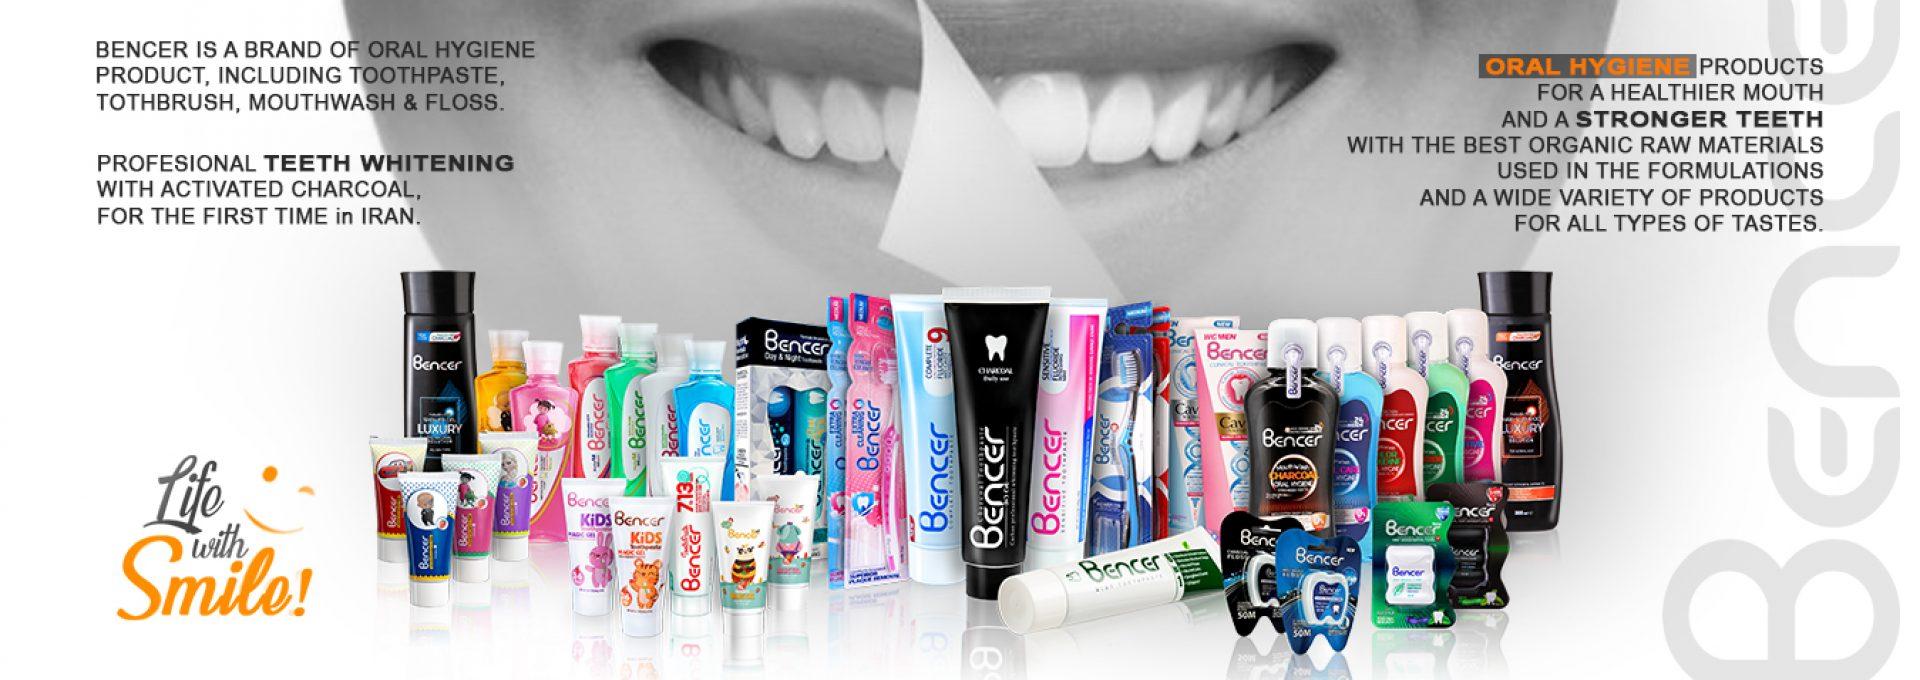 محصولات دهان و دندان بنسر